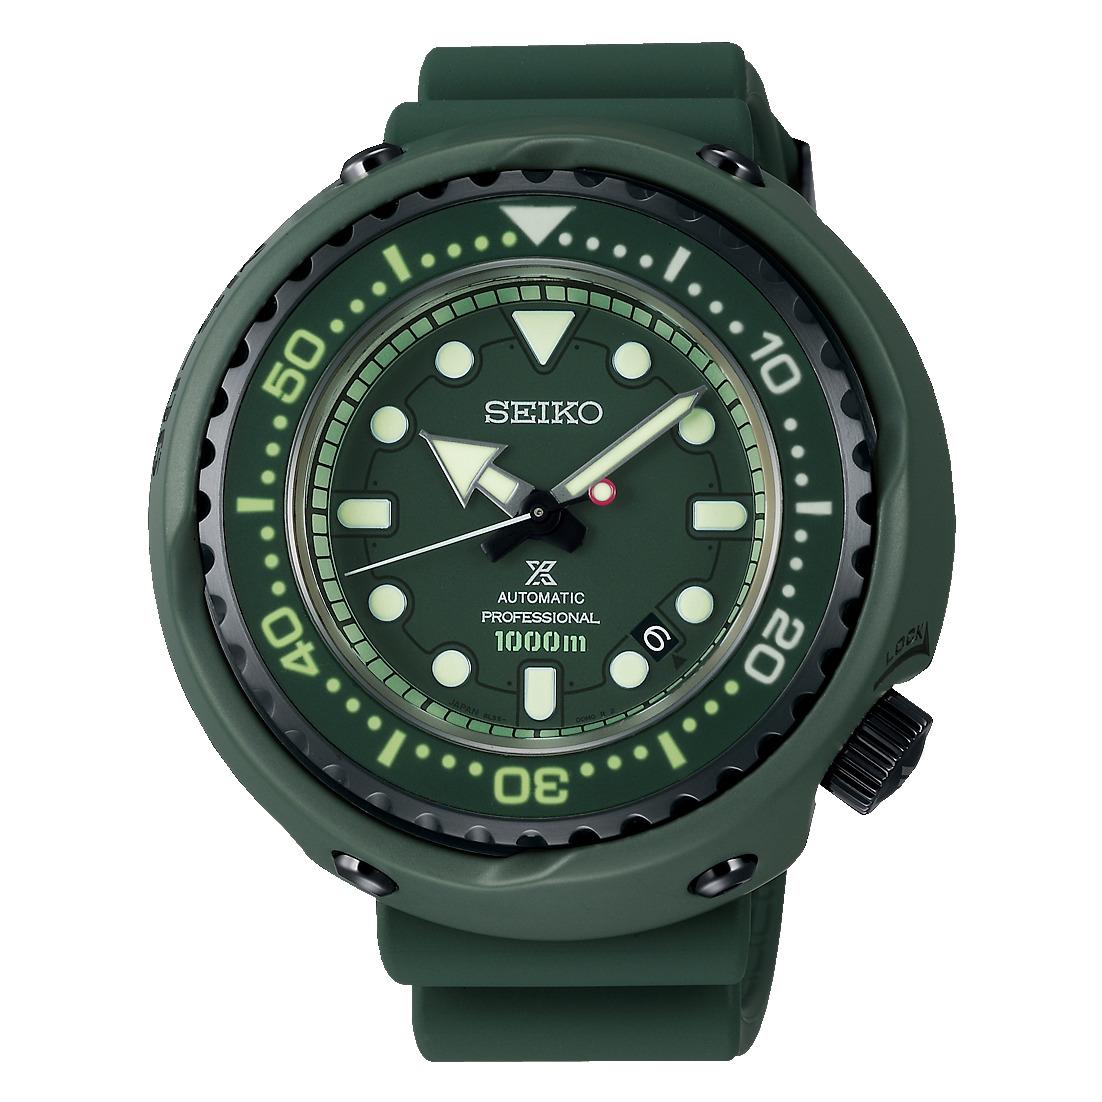 プロスペックス PROSPEX セイコー SEIKO SBDX027 機動戦士ガンダム 40周年記念 量産型ザク 限定モデル 数量限定1000本 正規品 腕時計